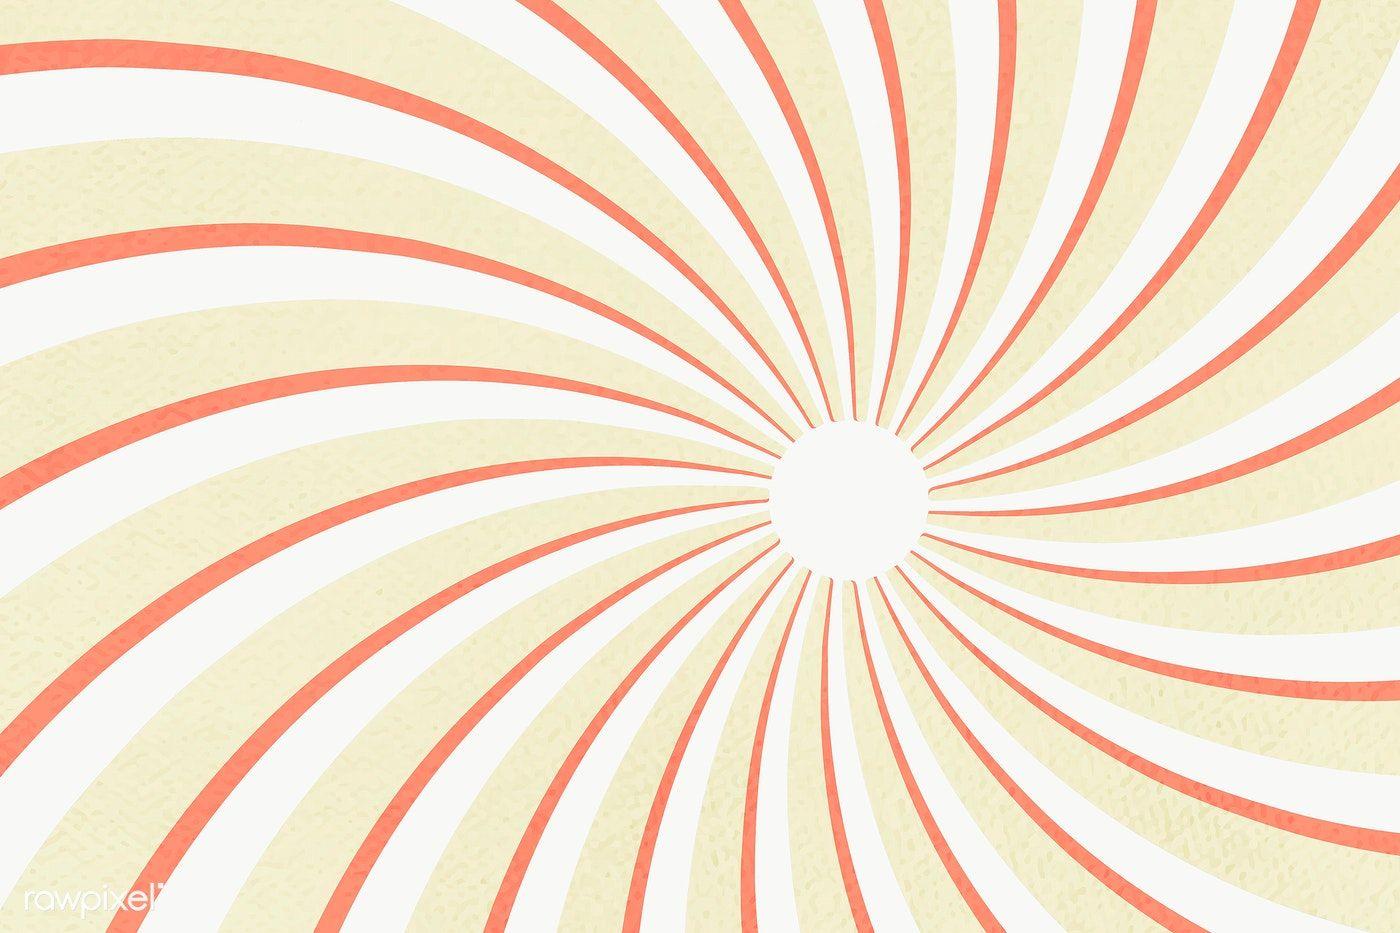 Spiral Sunburst Effect Patterned Background Design Element Free Image By Rawpixel Com Mind Background Patterns Background Design Background